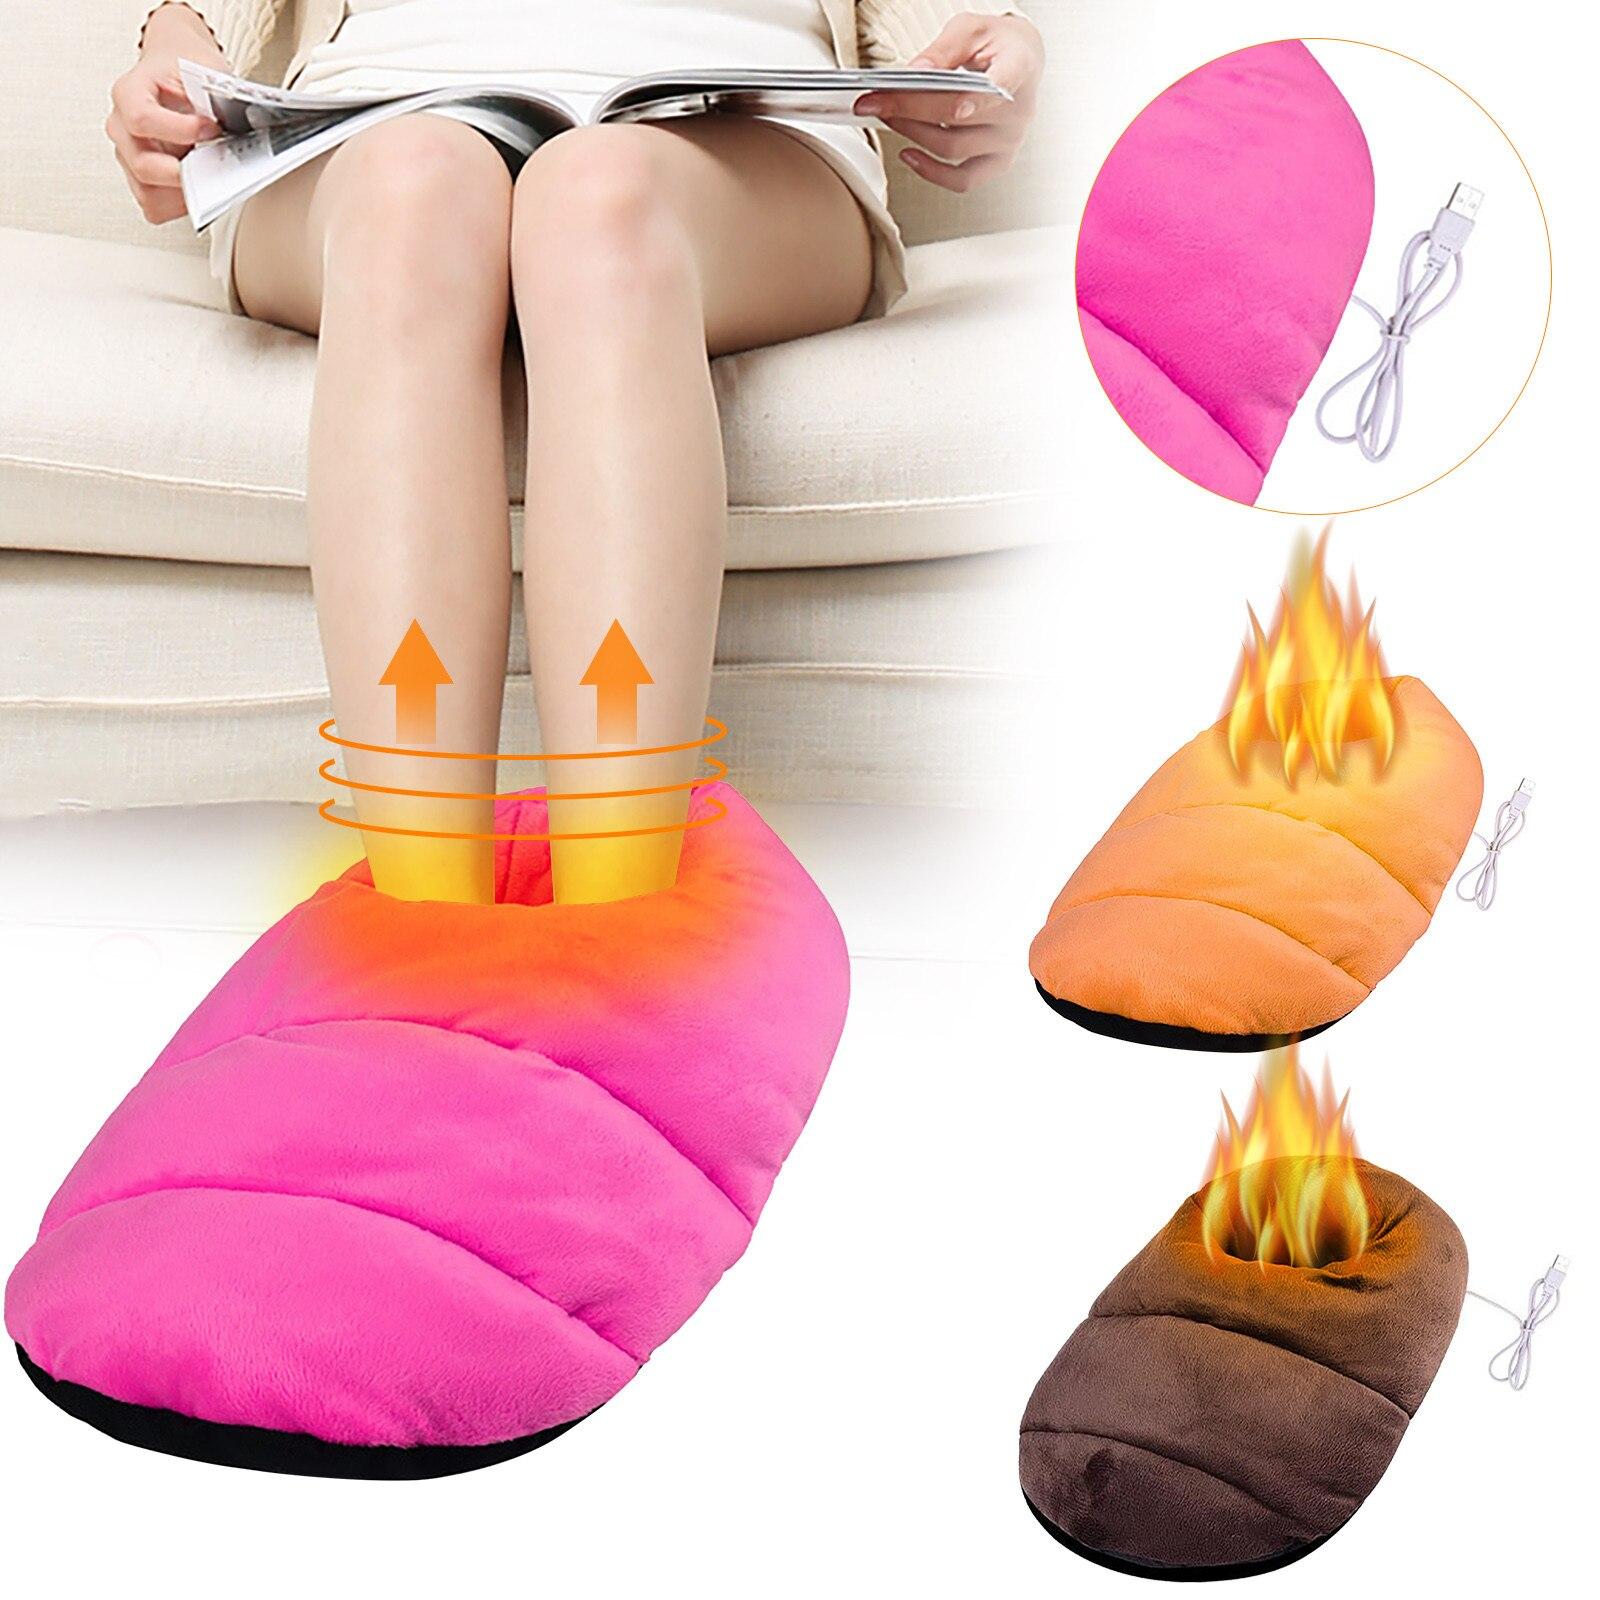 Calentador de pies eléctrico con USB, dispositivo de calefacción para invierno